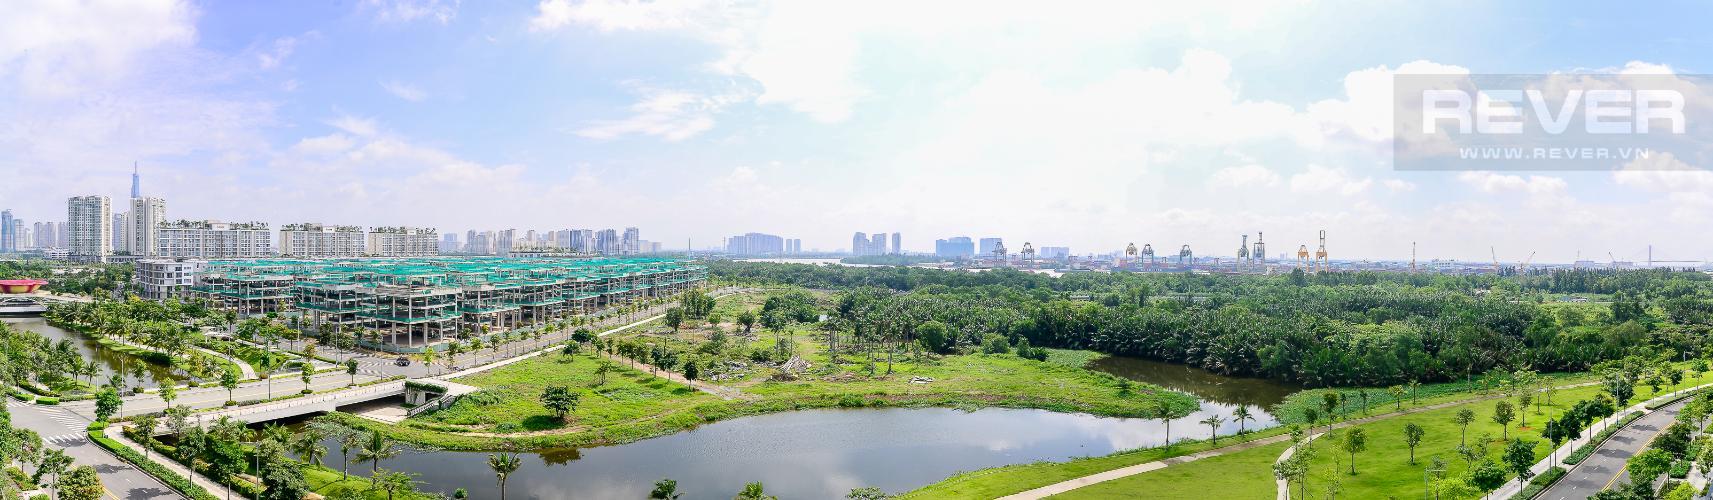 View Bán hoặc cho thuê căn hộ Sarica Sala Đại Quang Minh 3PN, đầy đủ nội thất, view công viên và hồ bơi thoáng mát